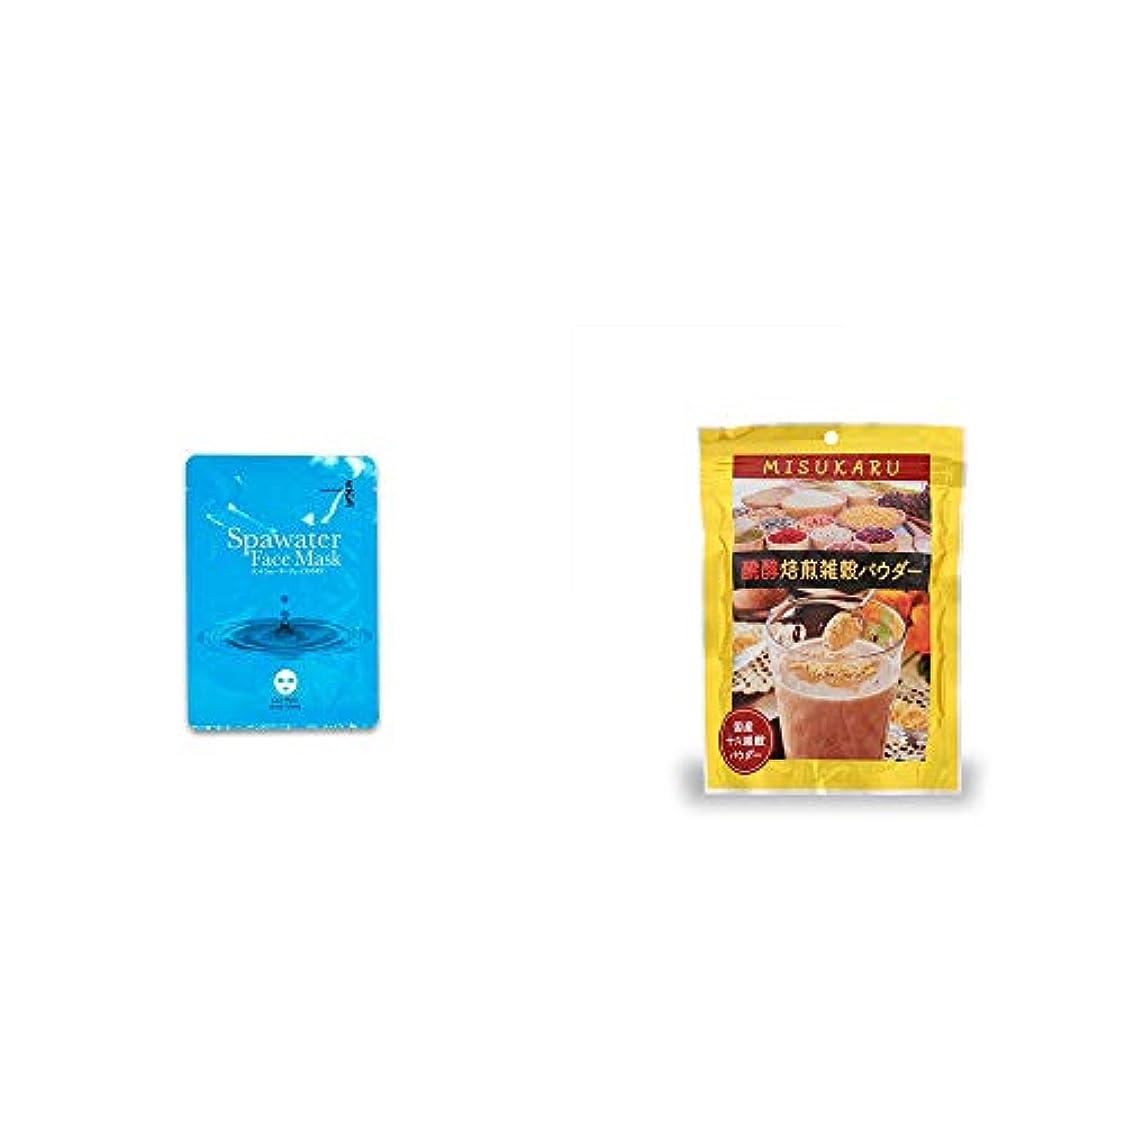 アライメント封建喉が渇いた[2点セット] ひのき炭黒泉 スパウォーターフェイスマスク(18ml×3枚入)・醗酵焙煎雑穀パウダー MISUKARU(ミスカル)(200g)